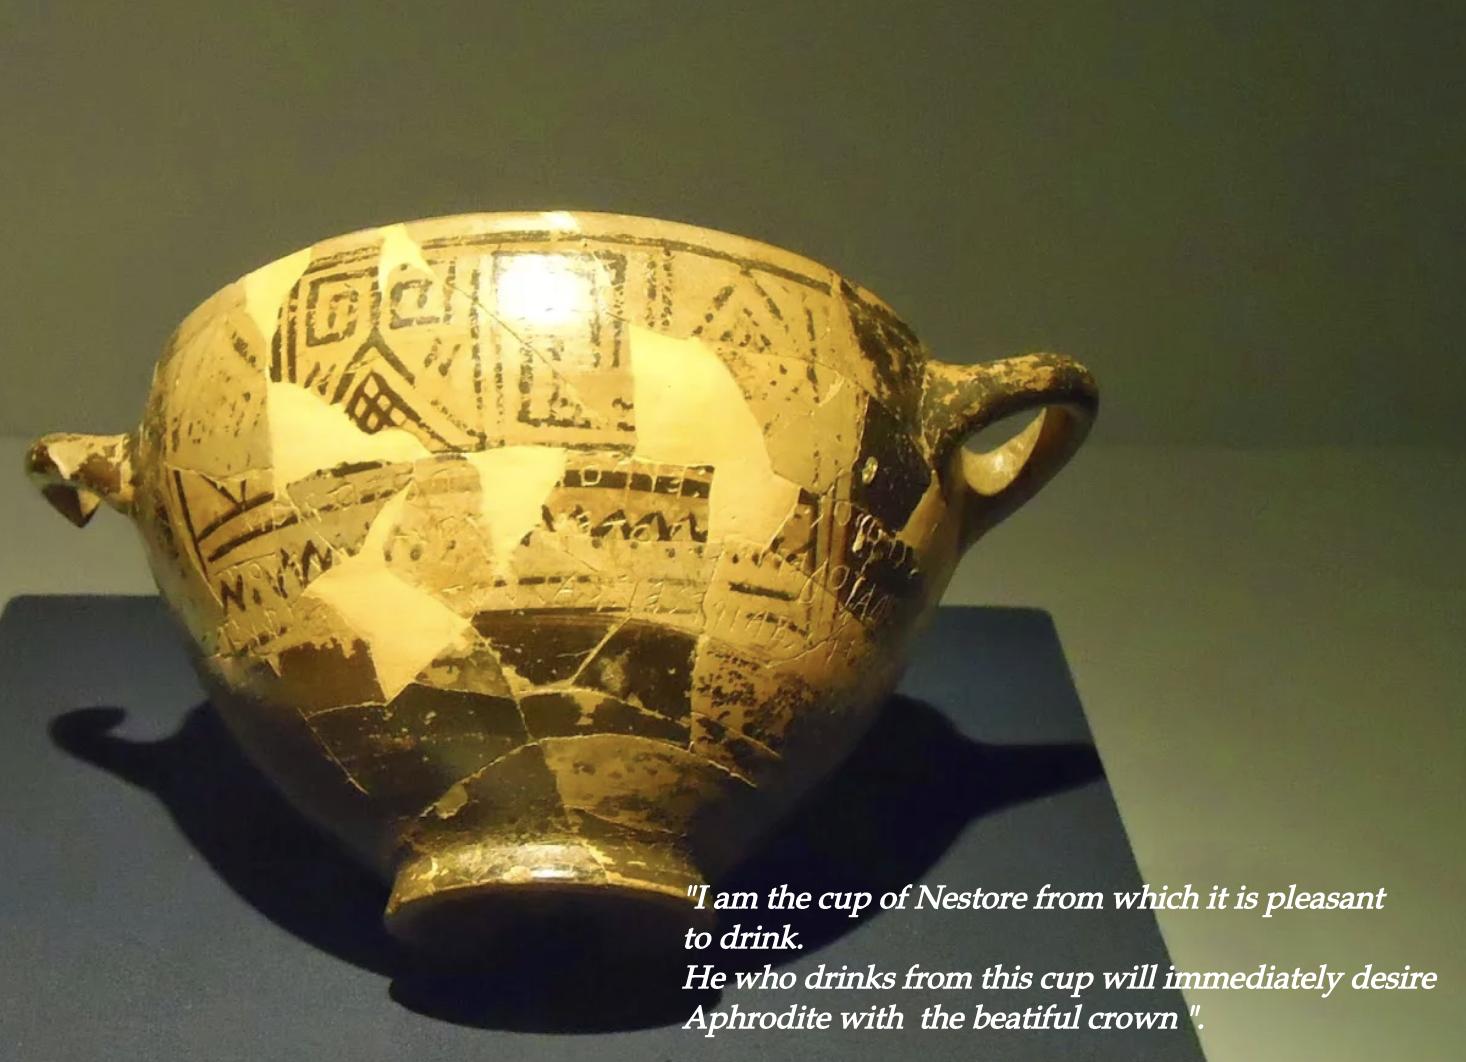 Cantine Farro - Cup of Nestore